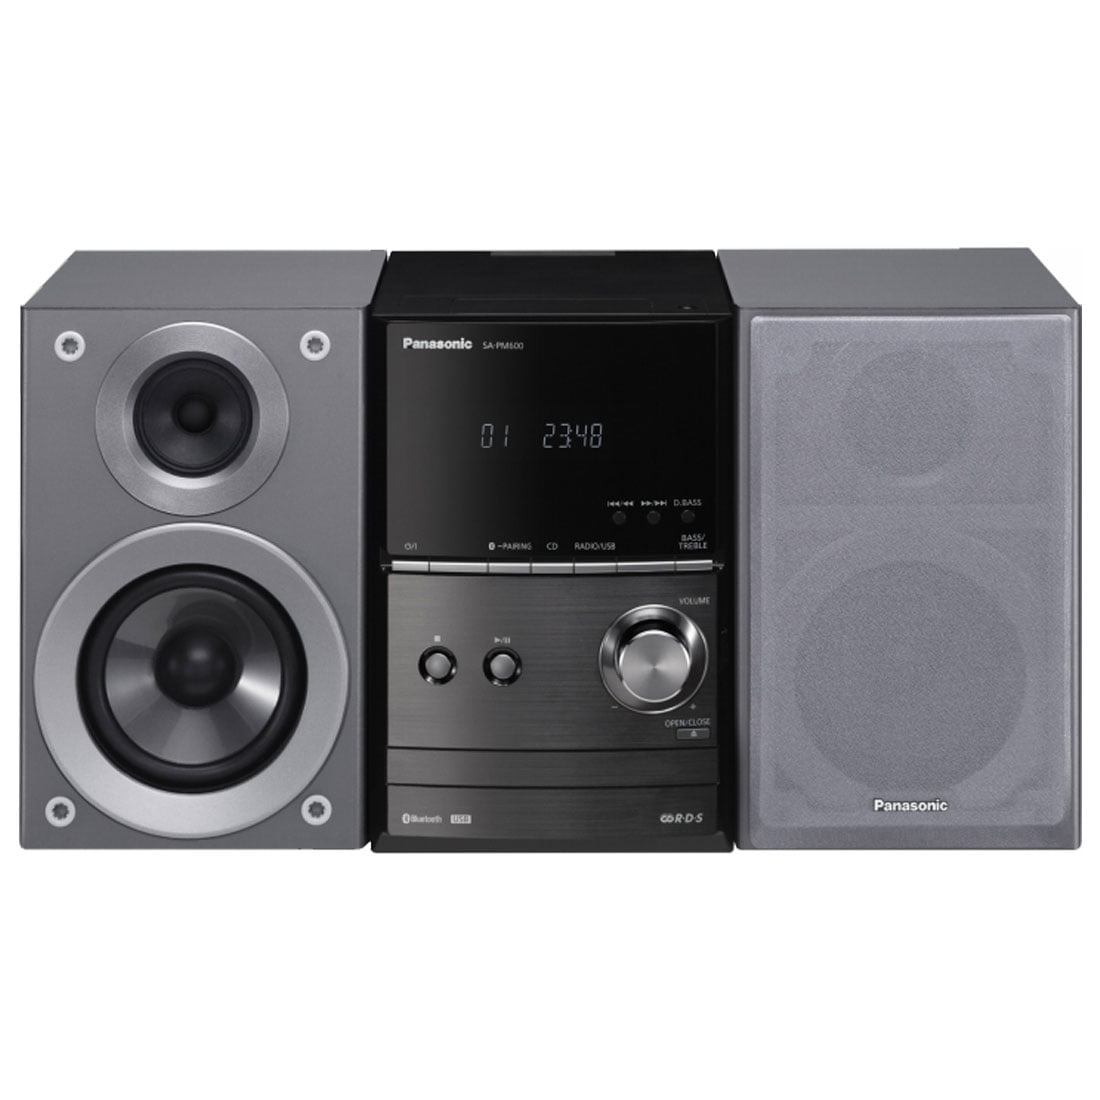 Panasonic SCPM600